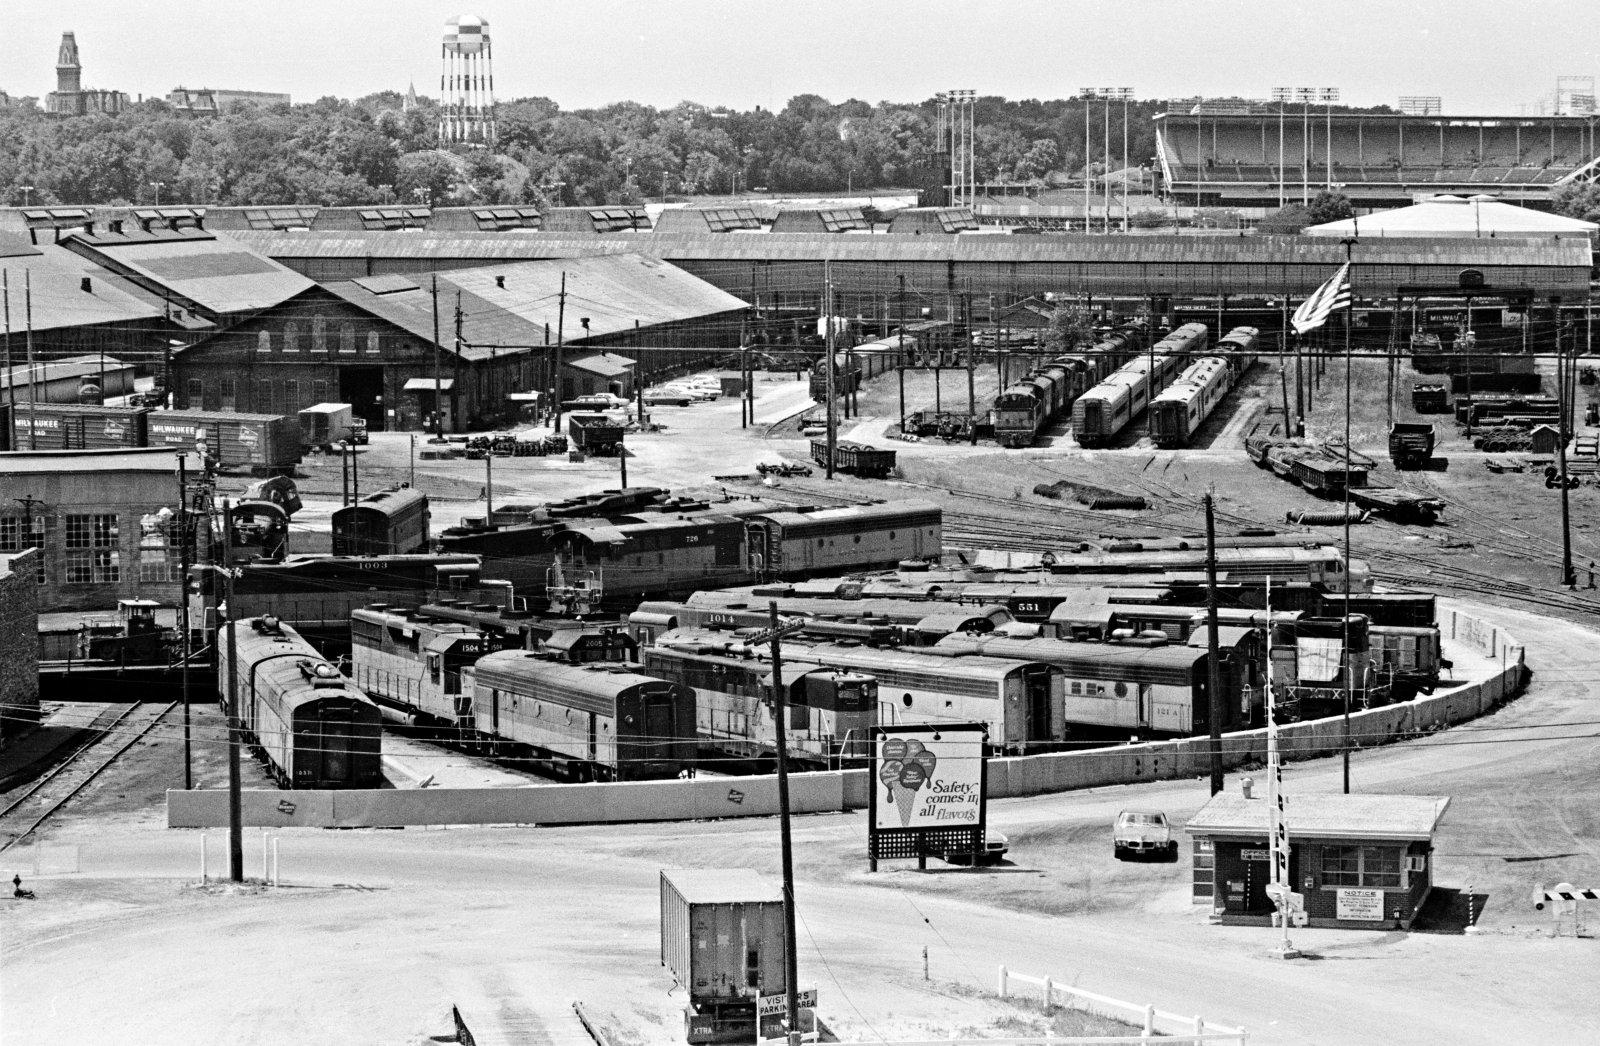 Milwaukee Road Yard in Menomonee Valley